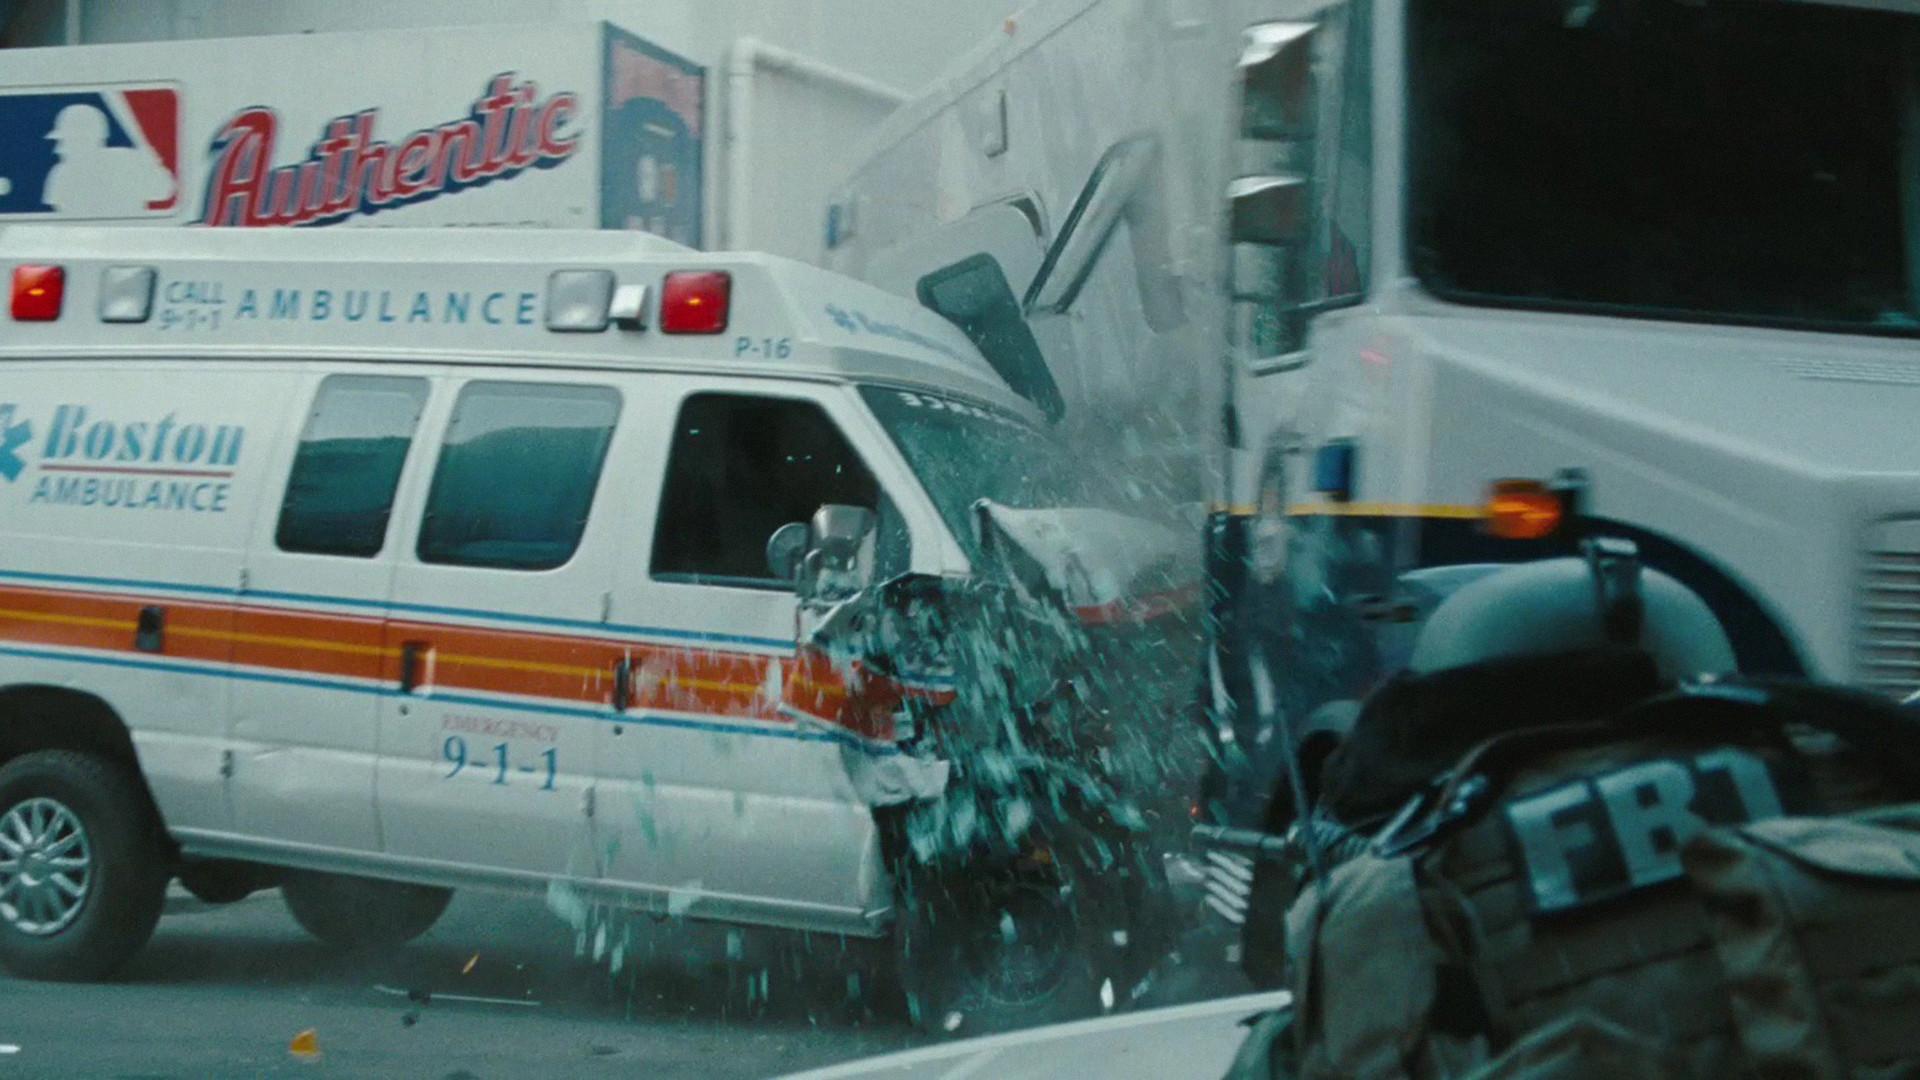 Ambulance Wallpapers